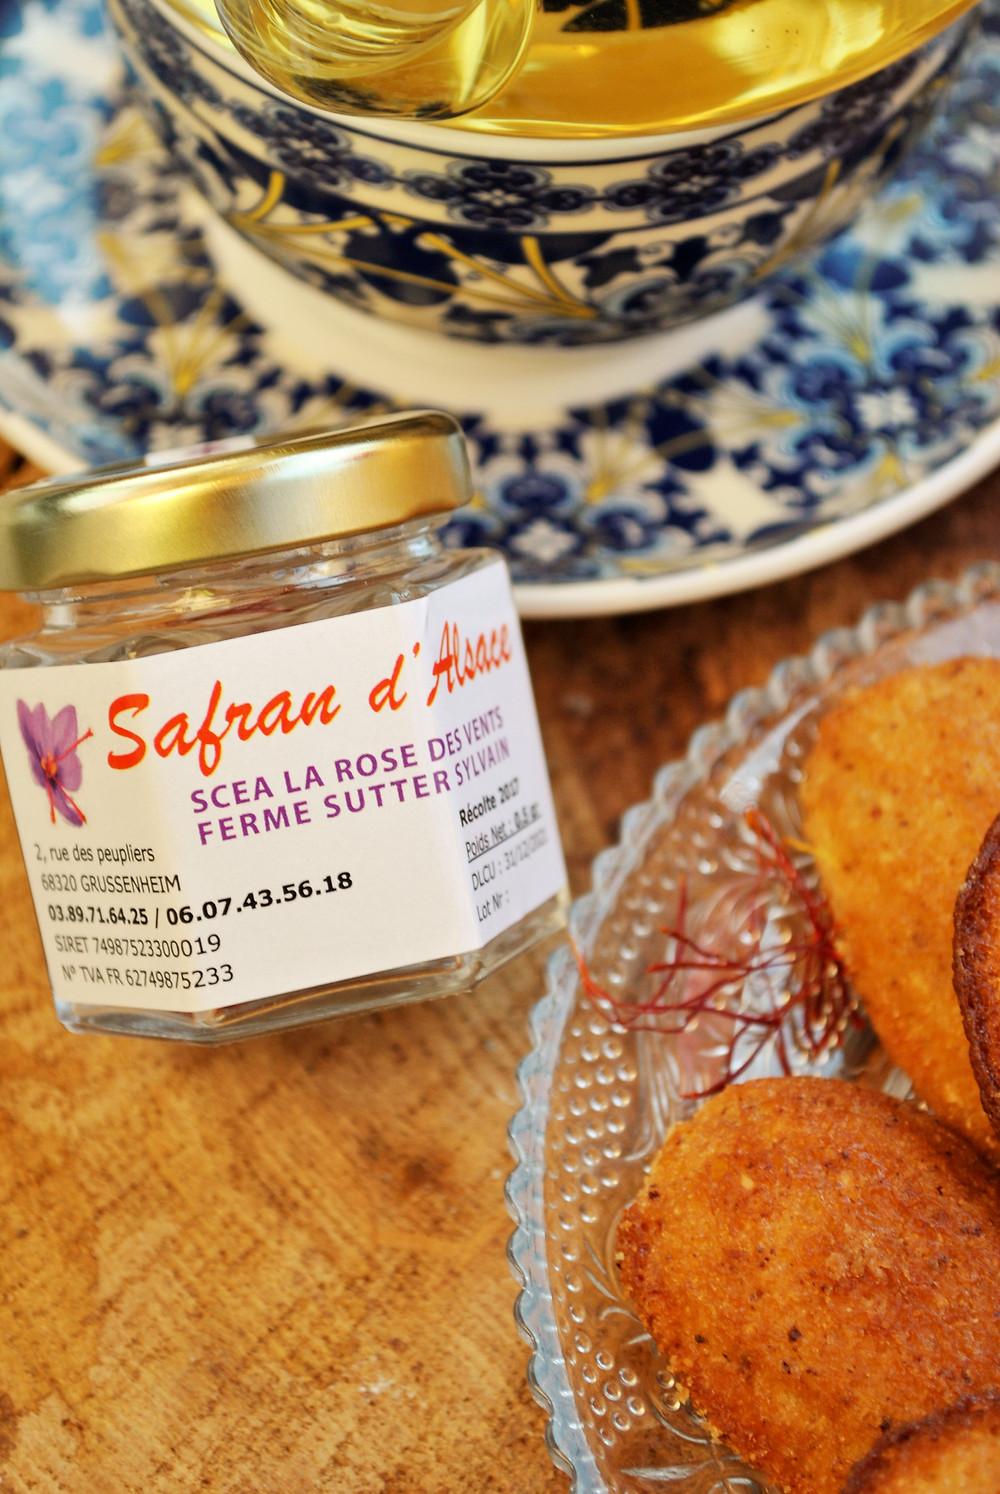 Safran Madeleines Miel Alsace